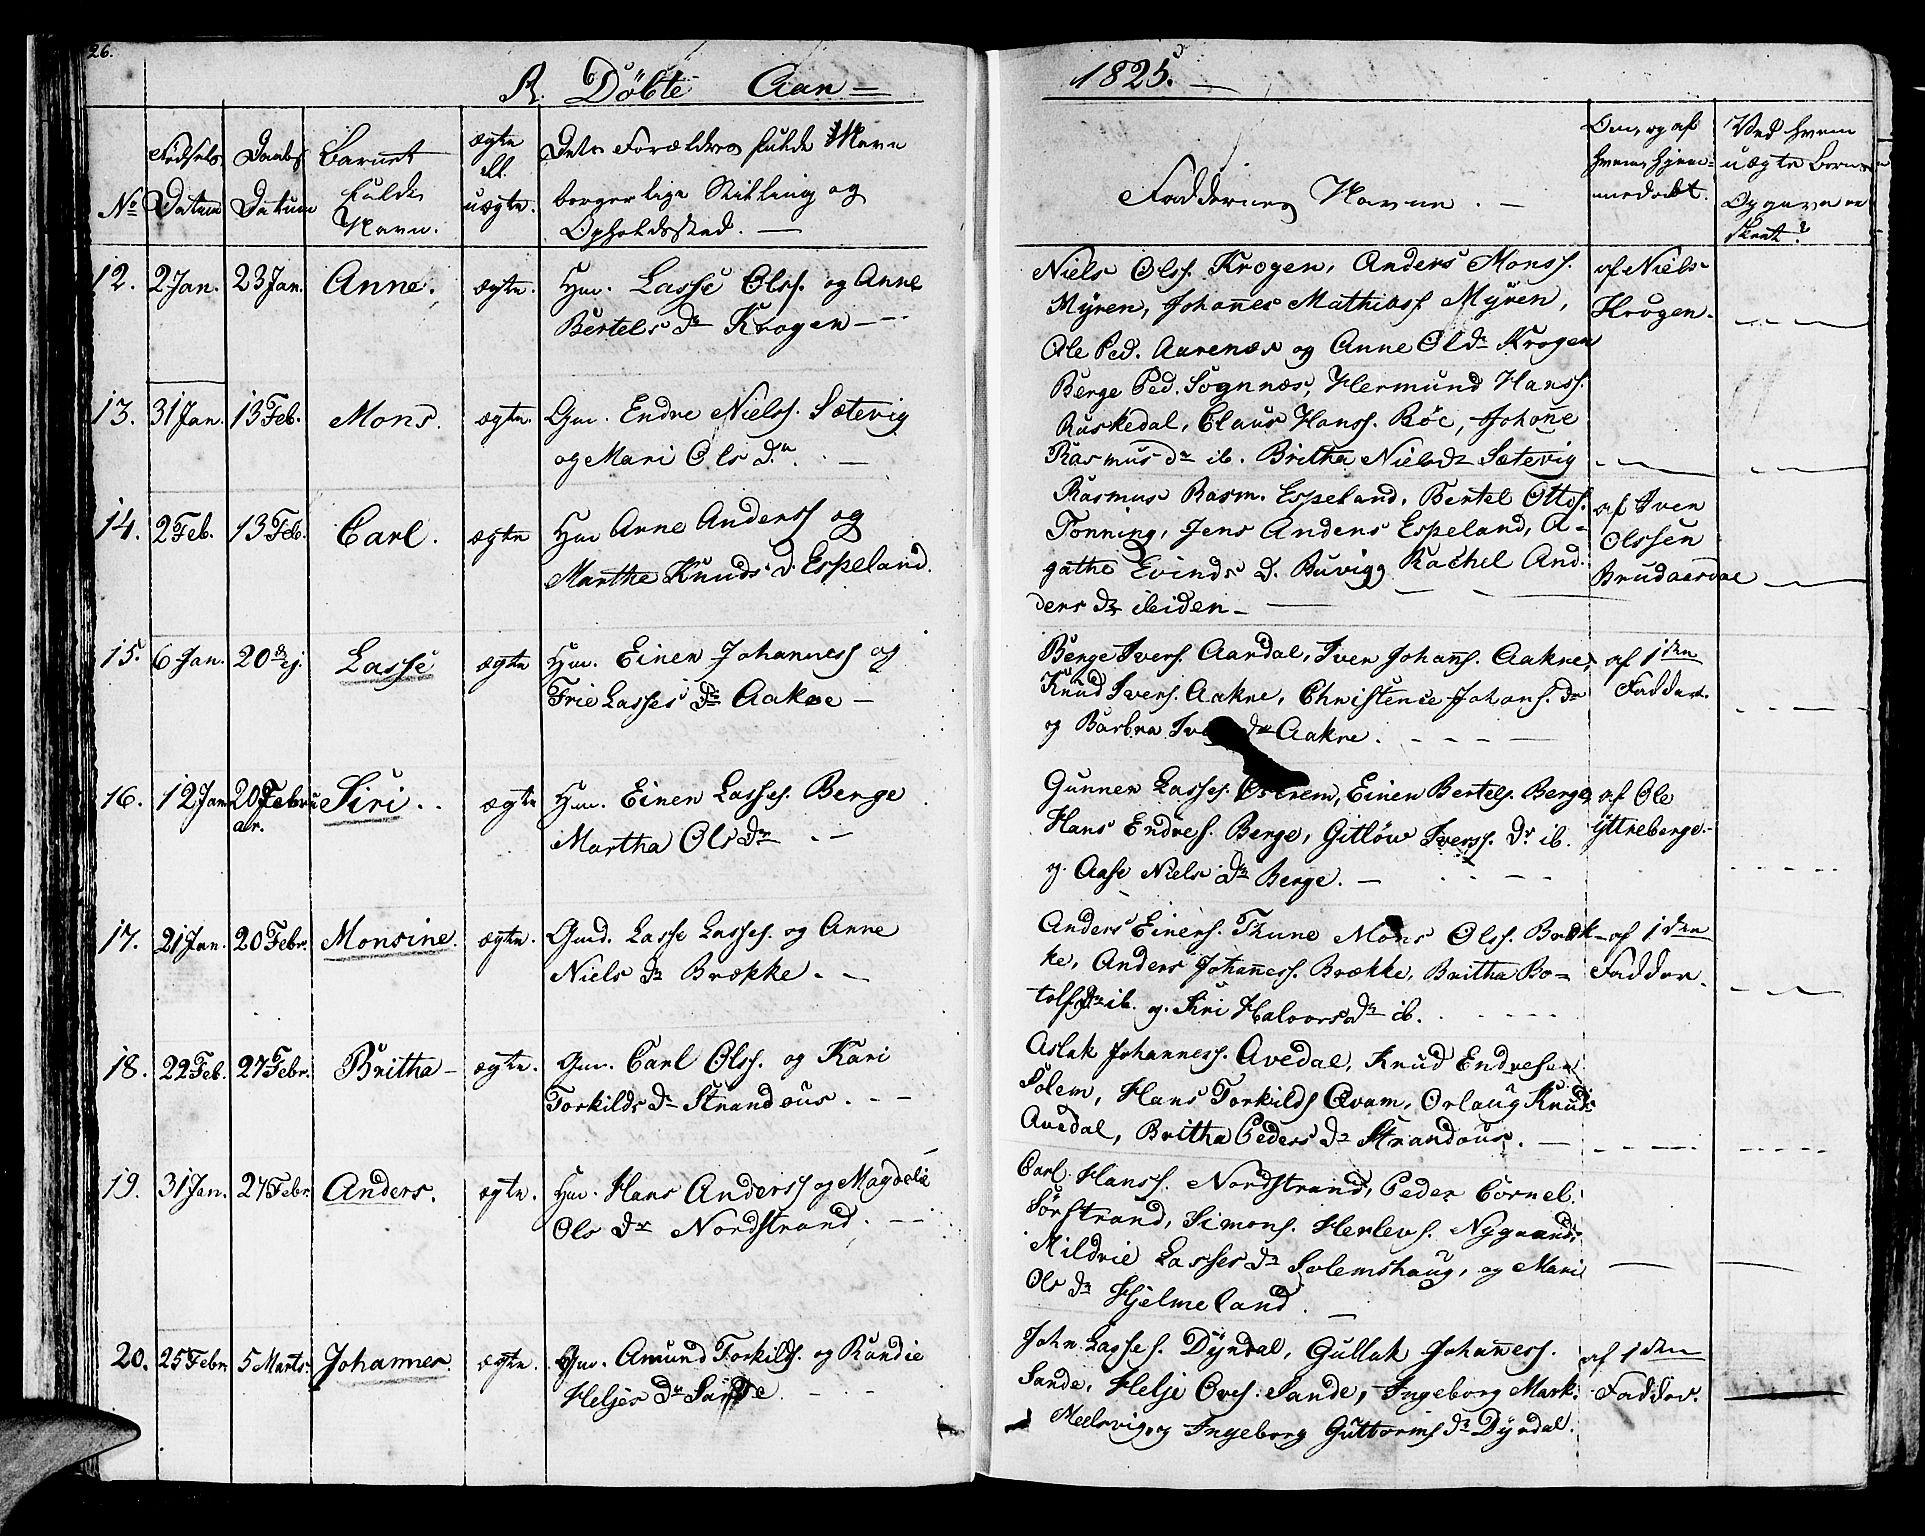 SAB, Lavik Sokneprestembete, Ministerialbok nr. A 2I, 1821-1842, s. 26